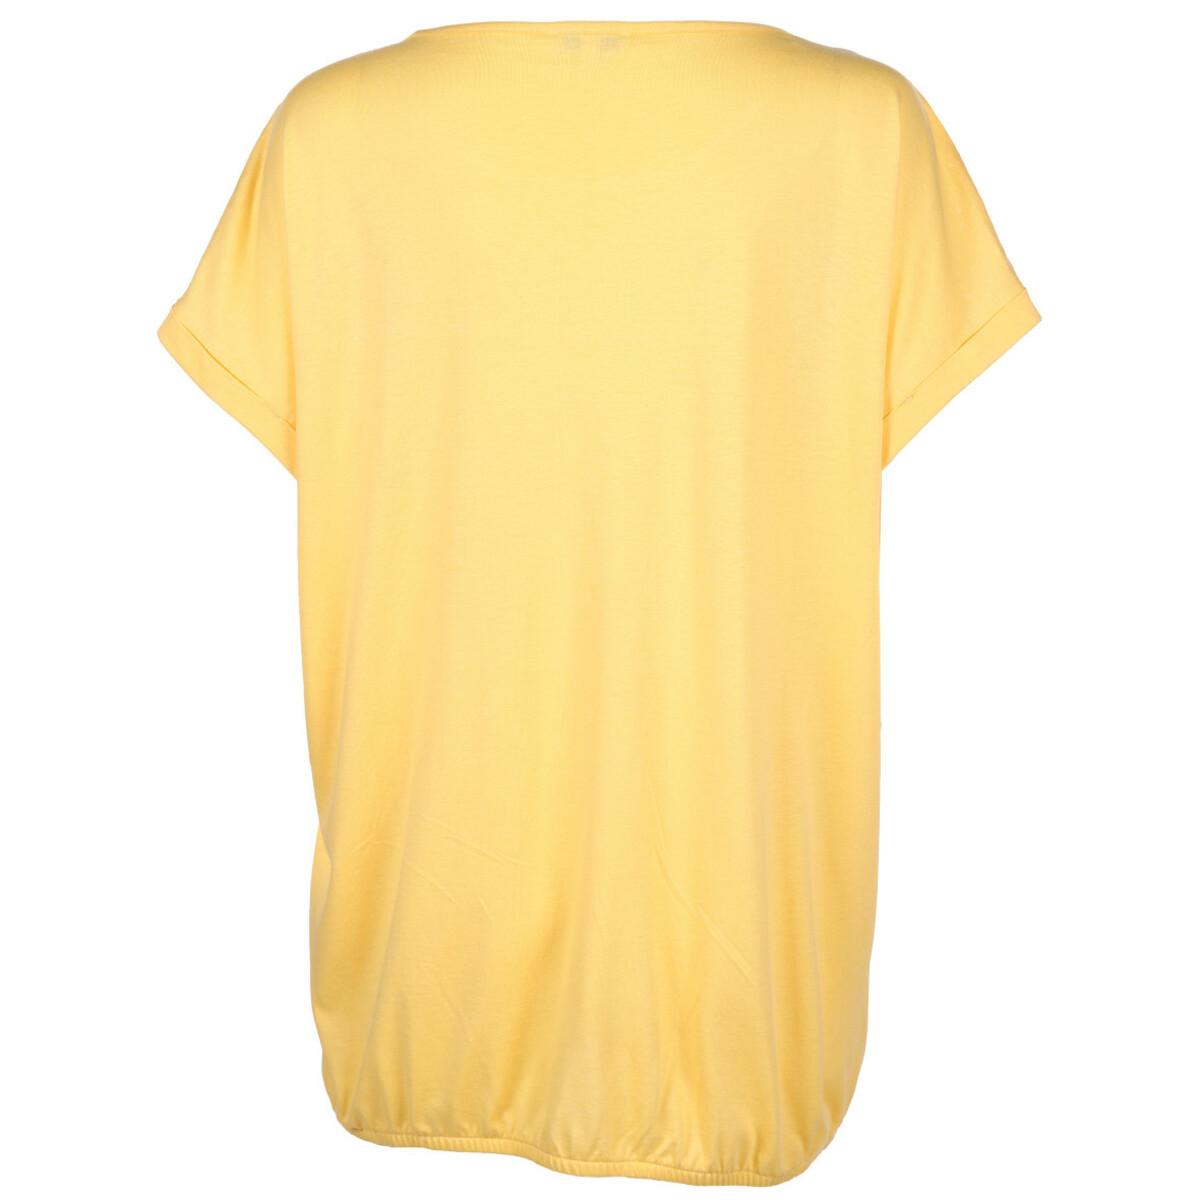 Bild 2 von Damen Shirt mit Lochstickerei